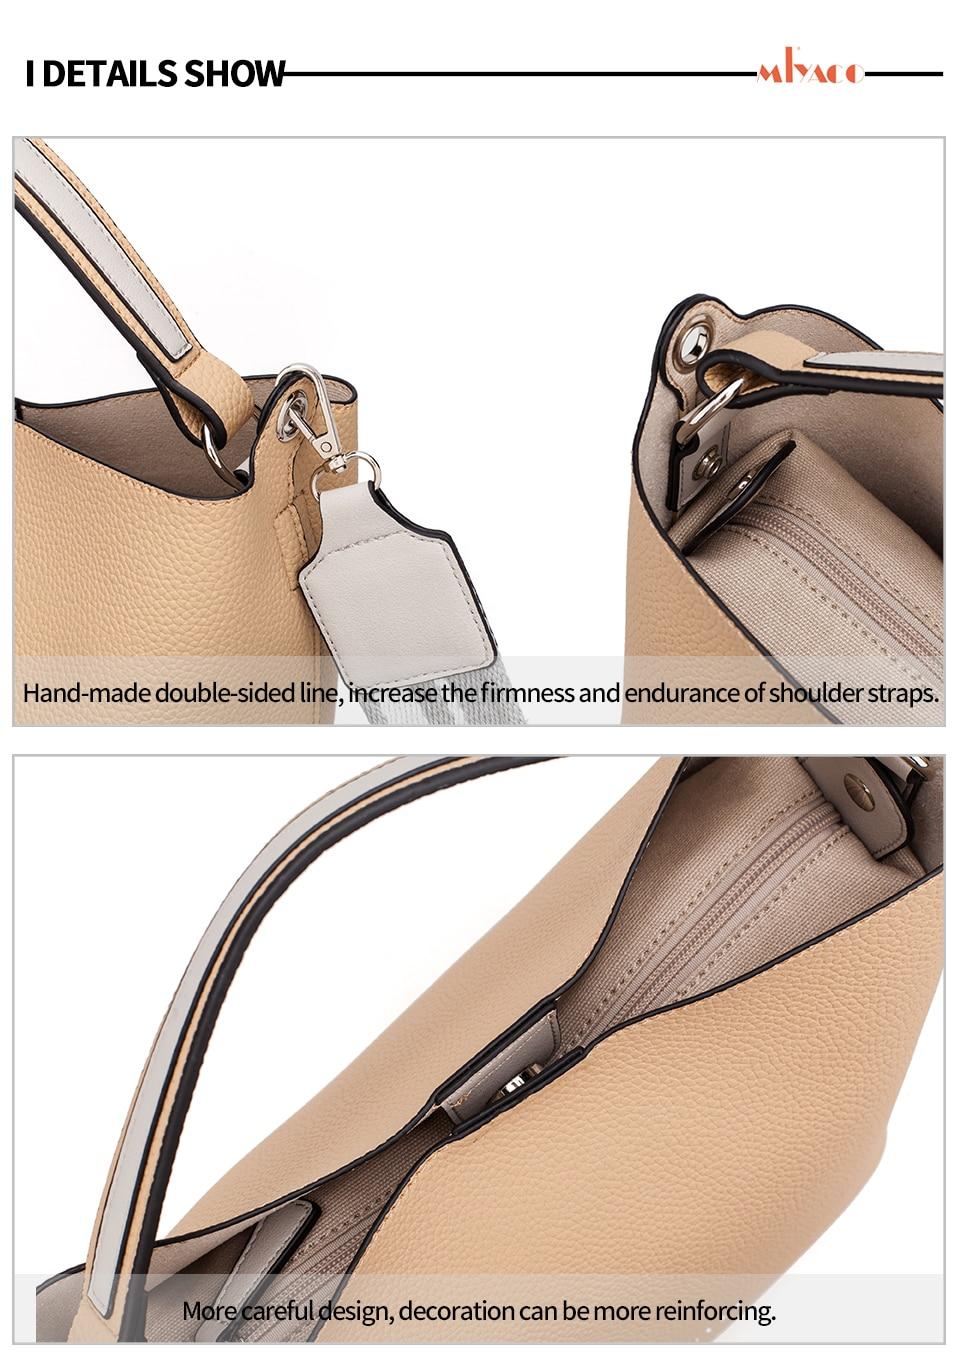 superior bolsas conjunto com saco de lona interna